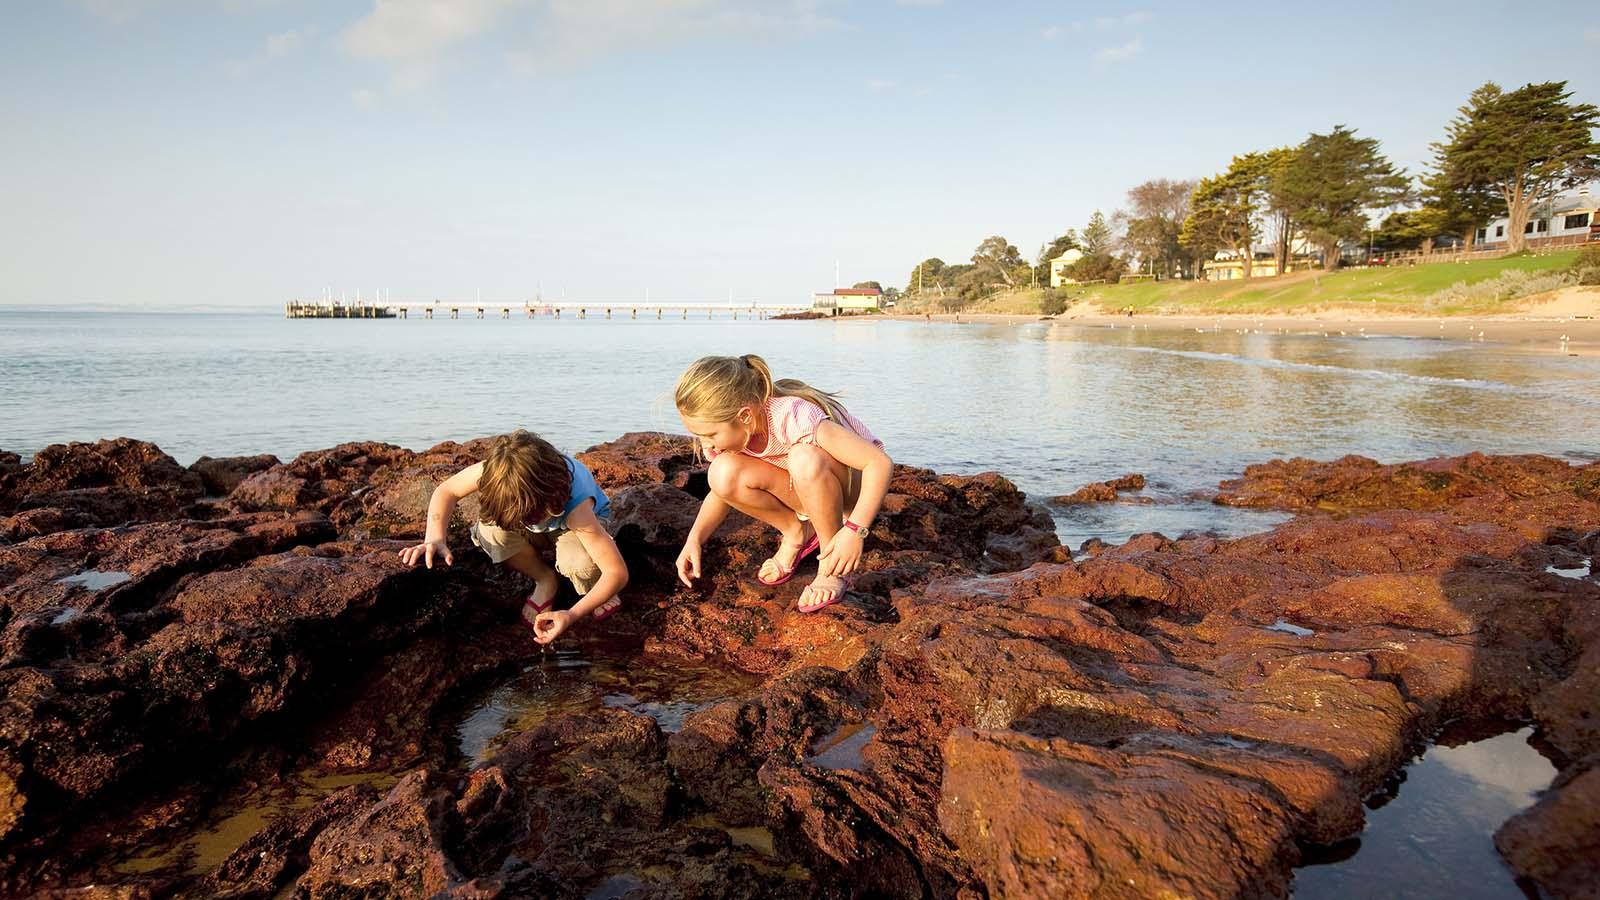 Red Rocks, Cowes foreshore, Phillip Island, Victoria, Australia